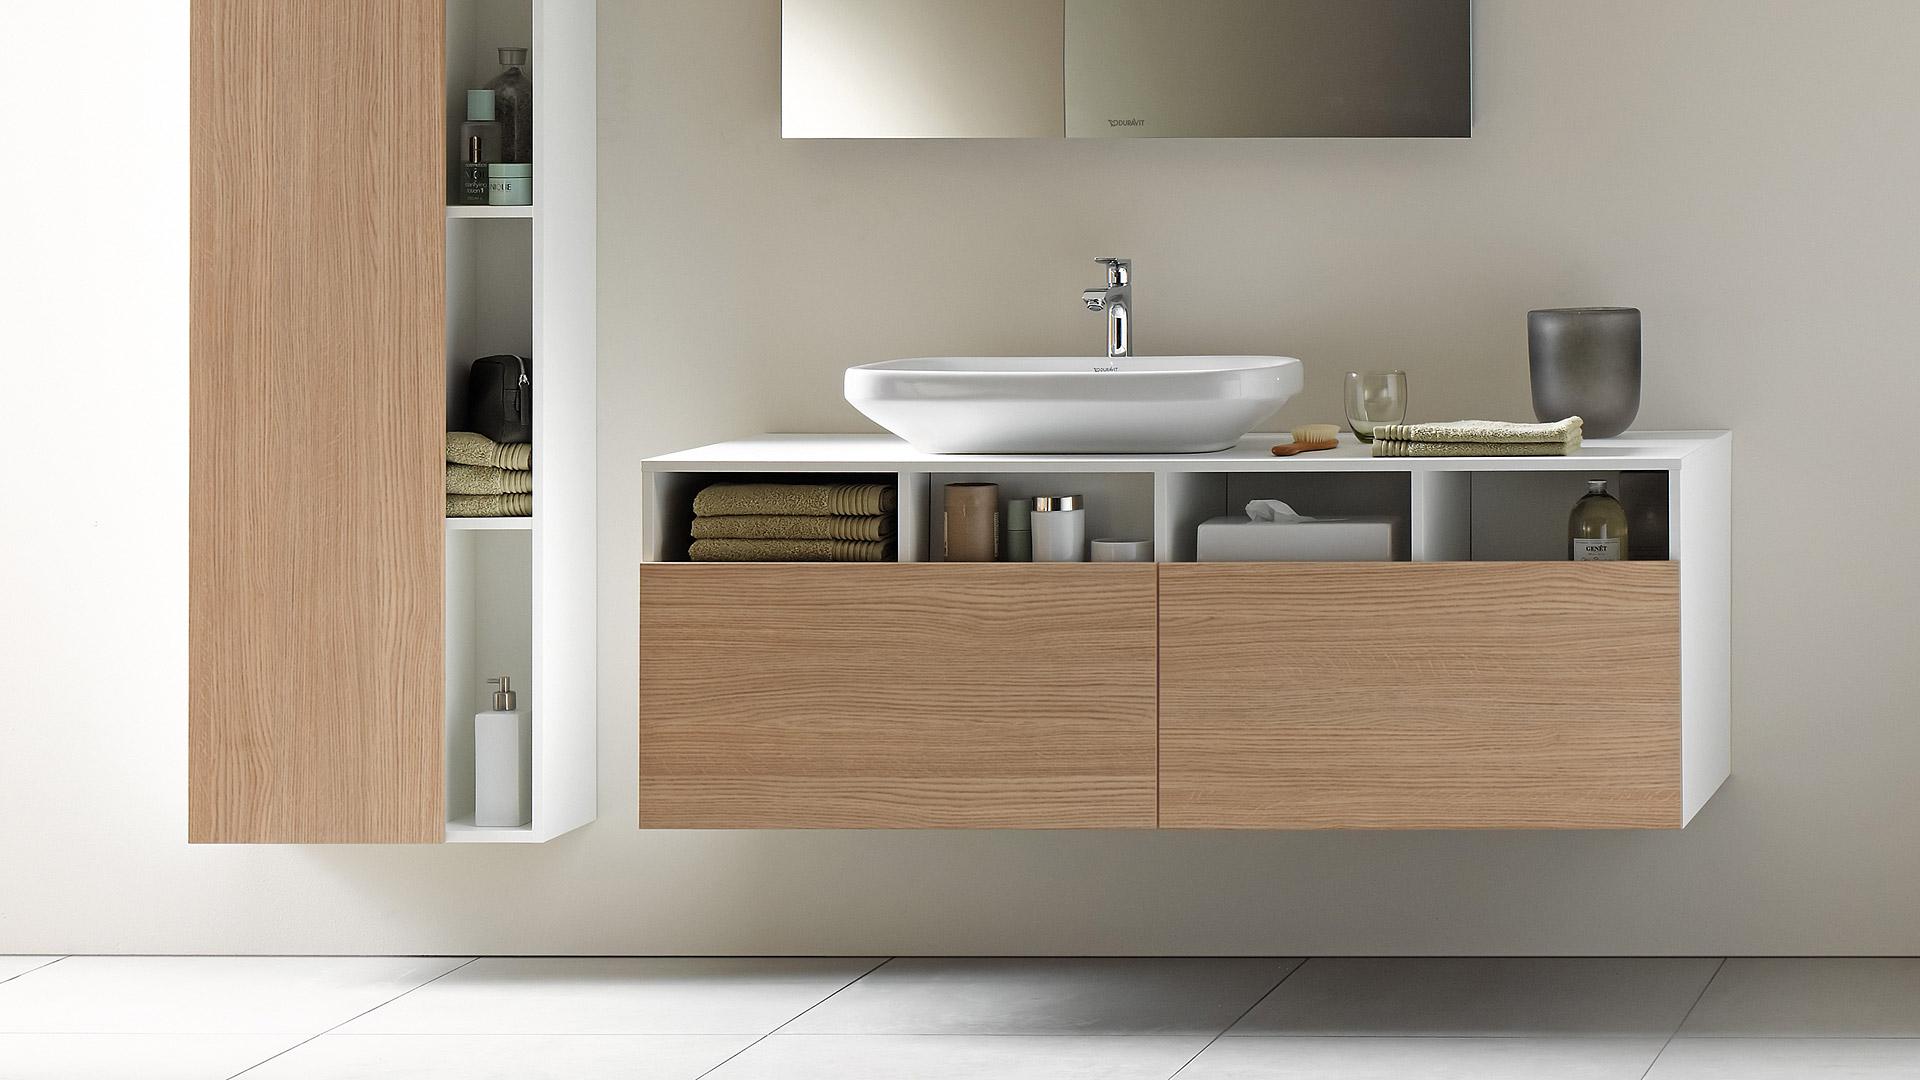 Doppelwaschtisch aufsatzwaschbecken duravit  Aufsatzwaschbecken & Waschschalen | Duravit